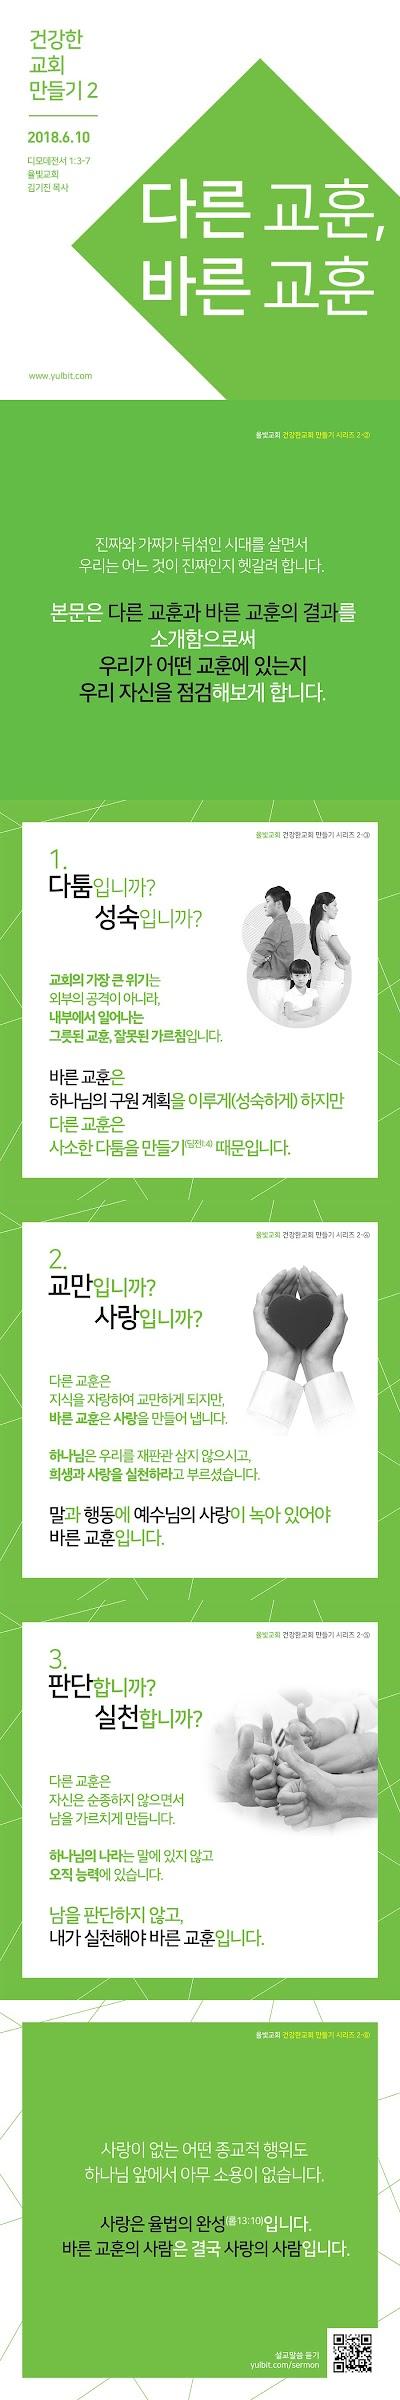 20180610_바른교훈-다른교훈_0.jpg